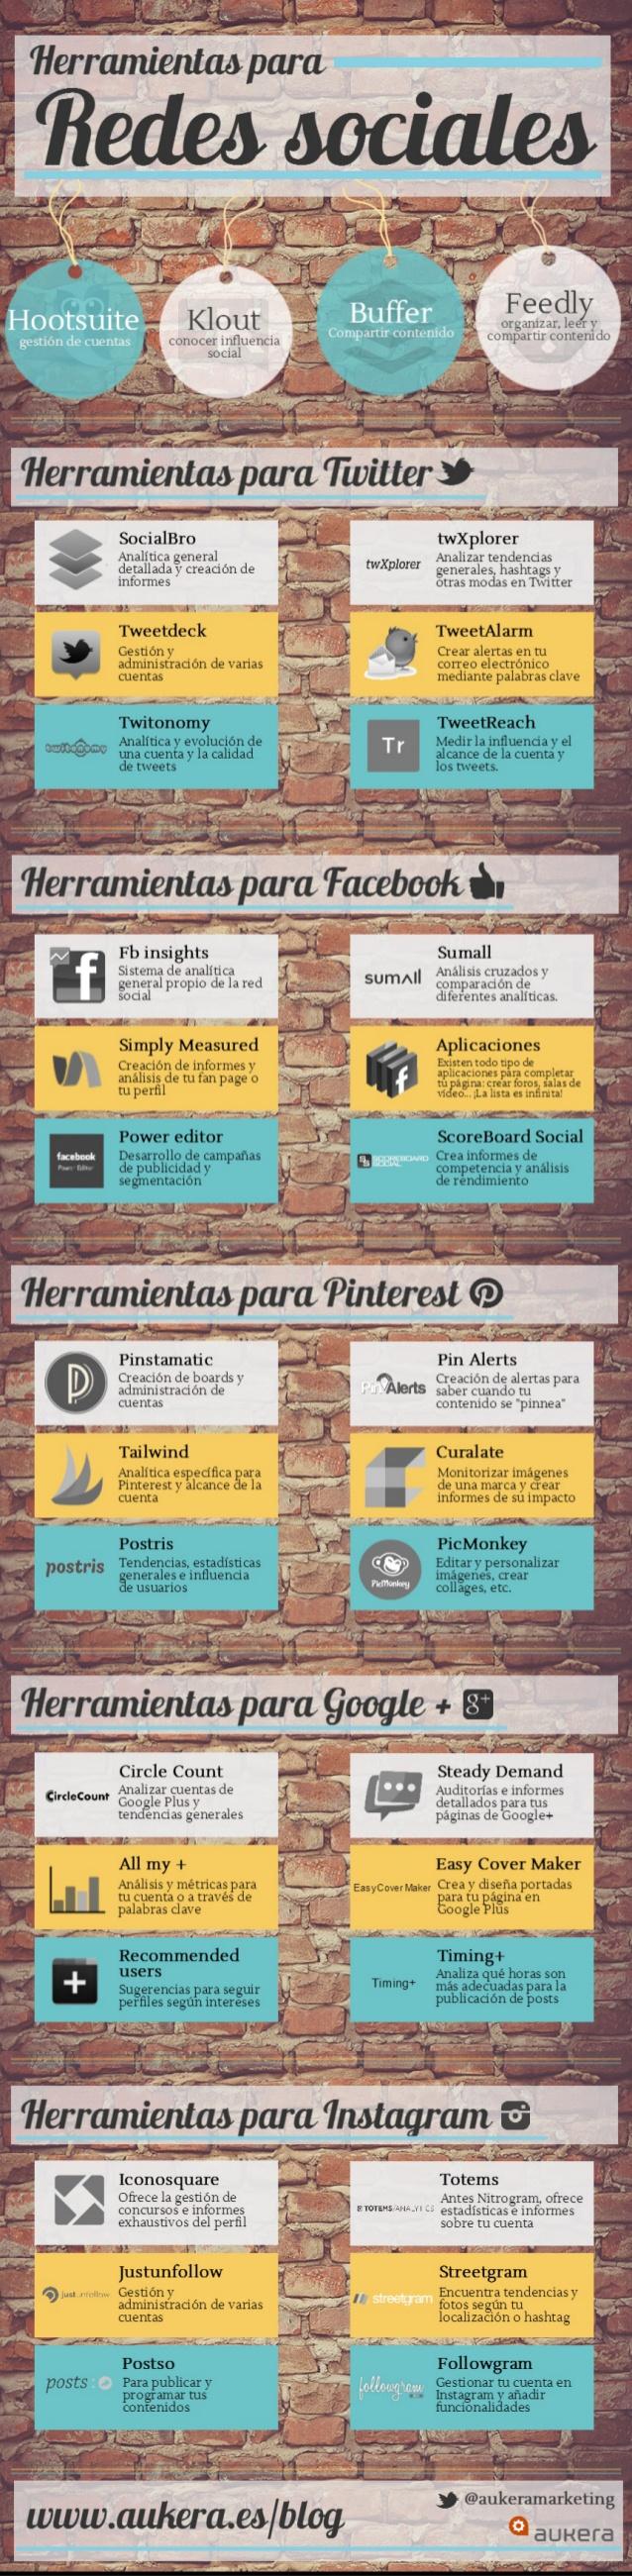 infografia-herramientas-medicion-monitorizacion-redes-sociales-justmarriedbcn